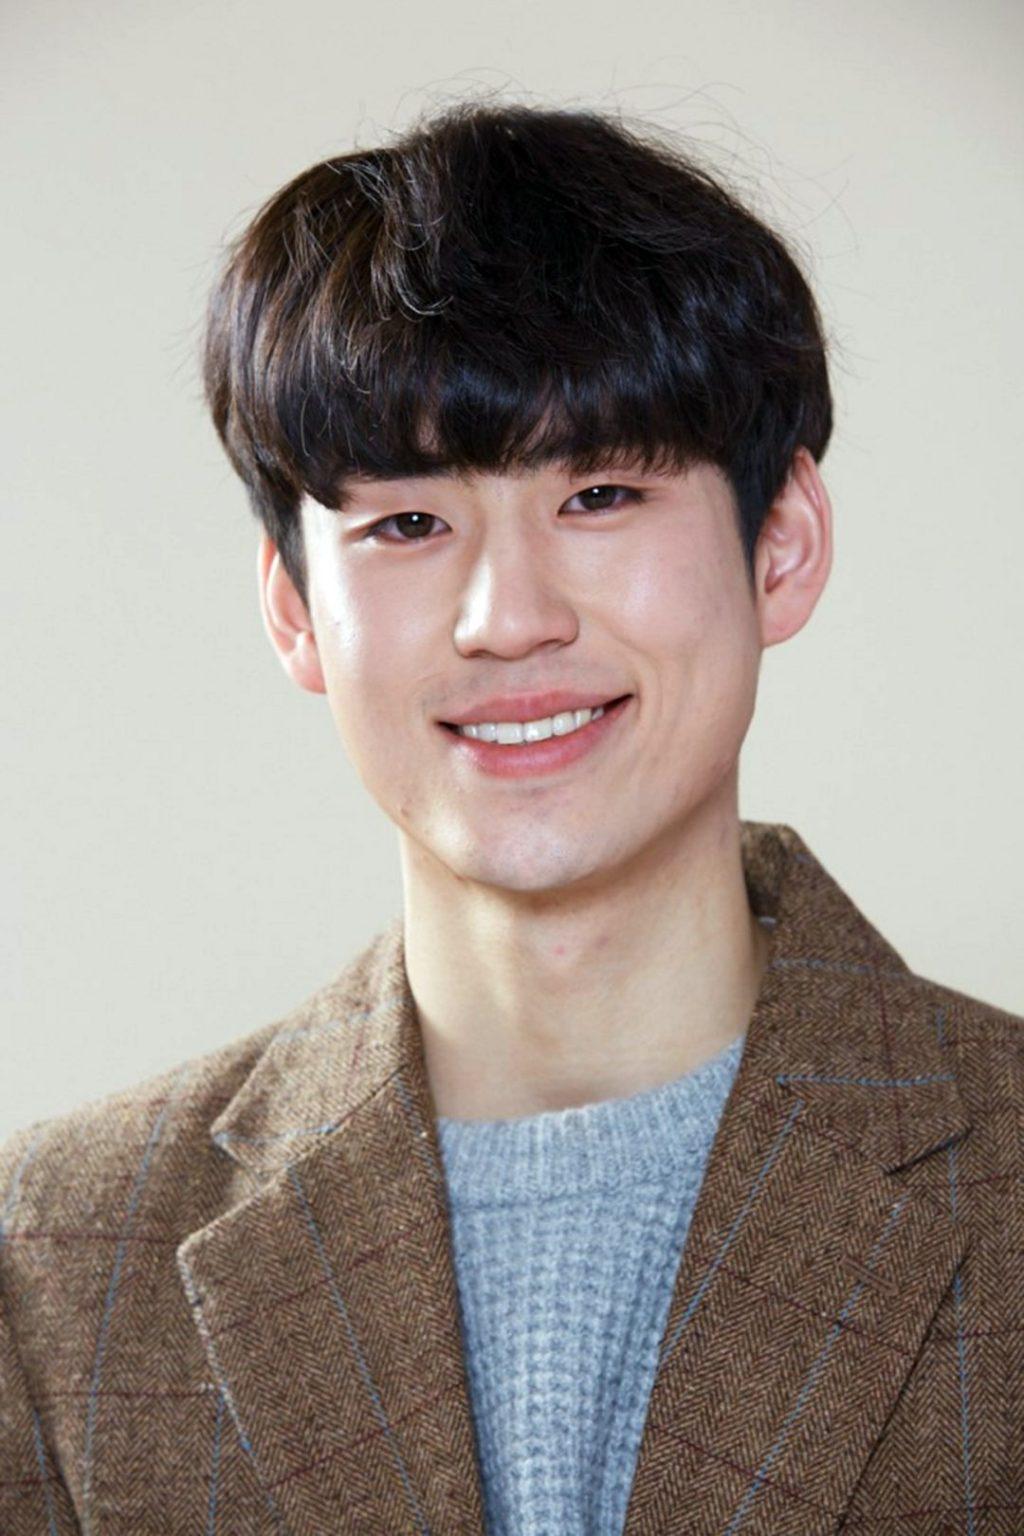 Choi jun kyu